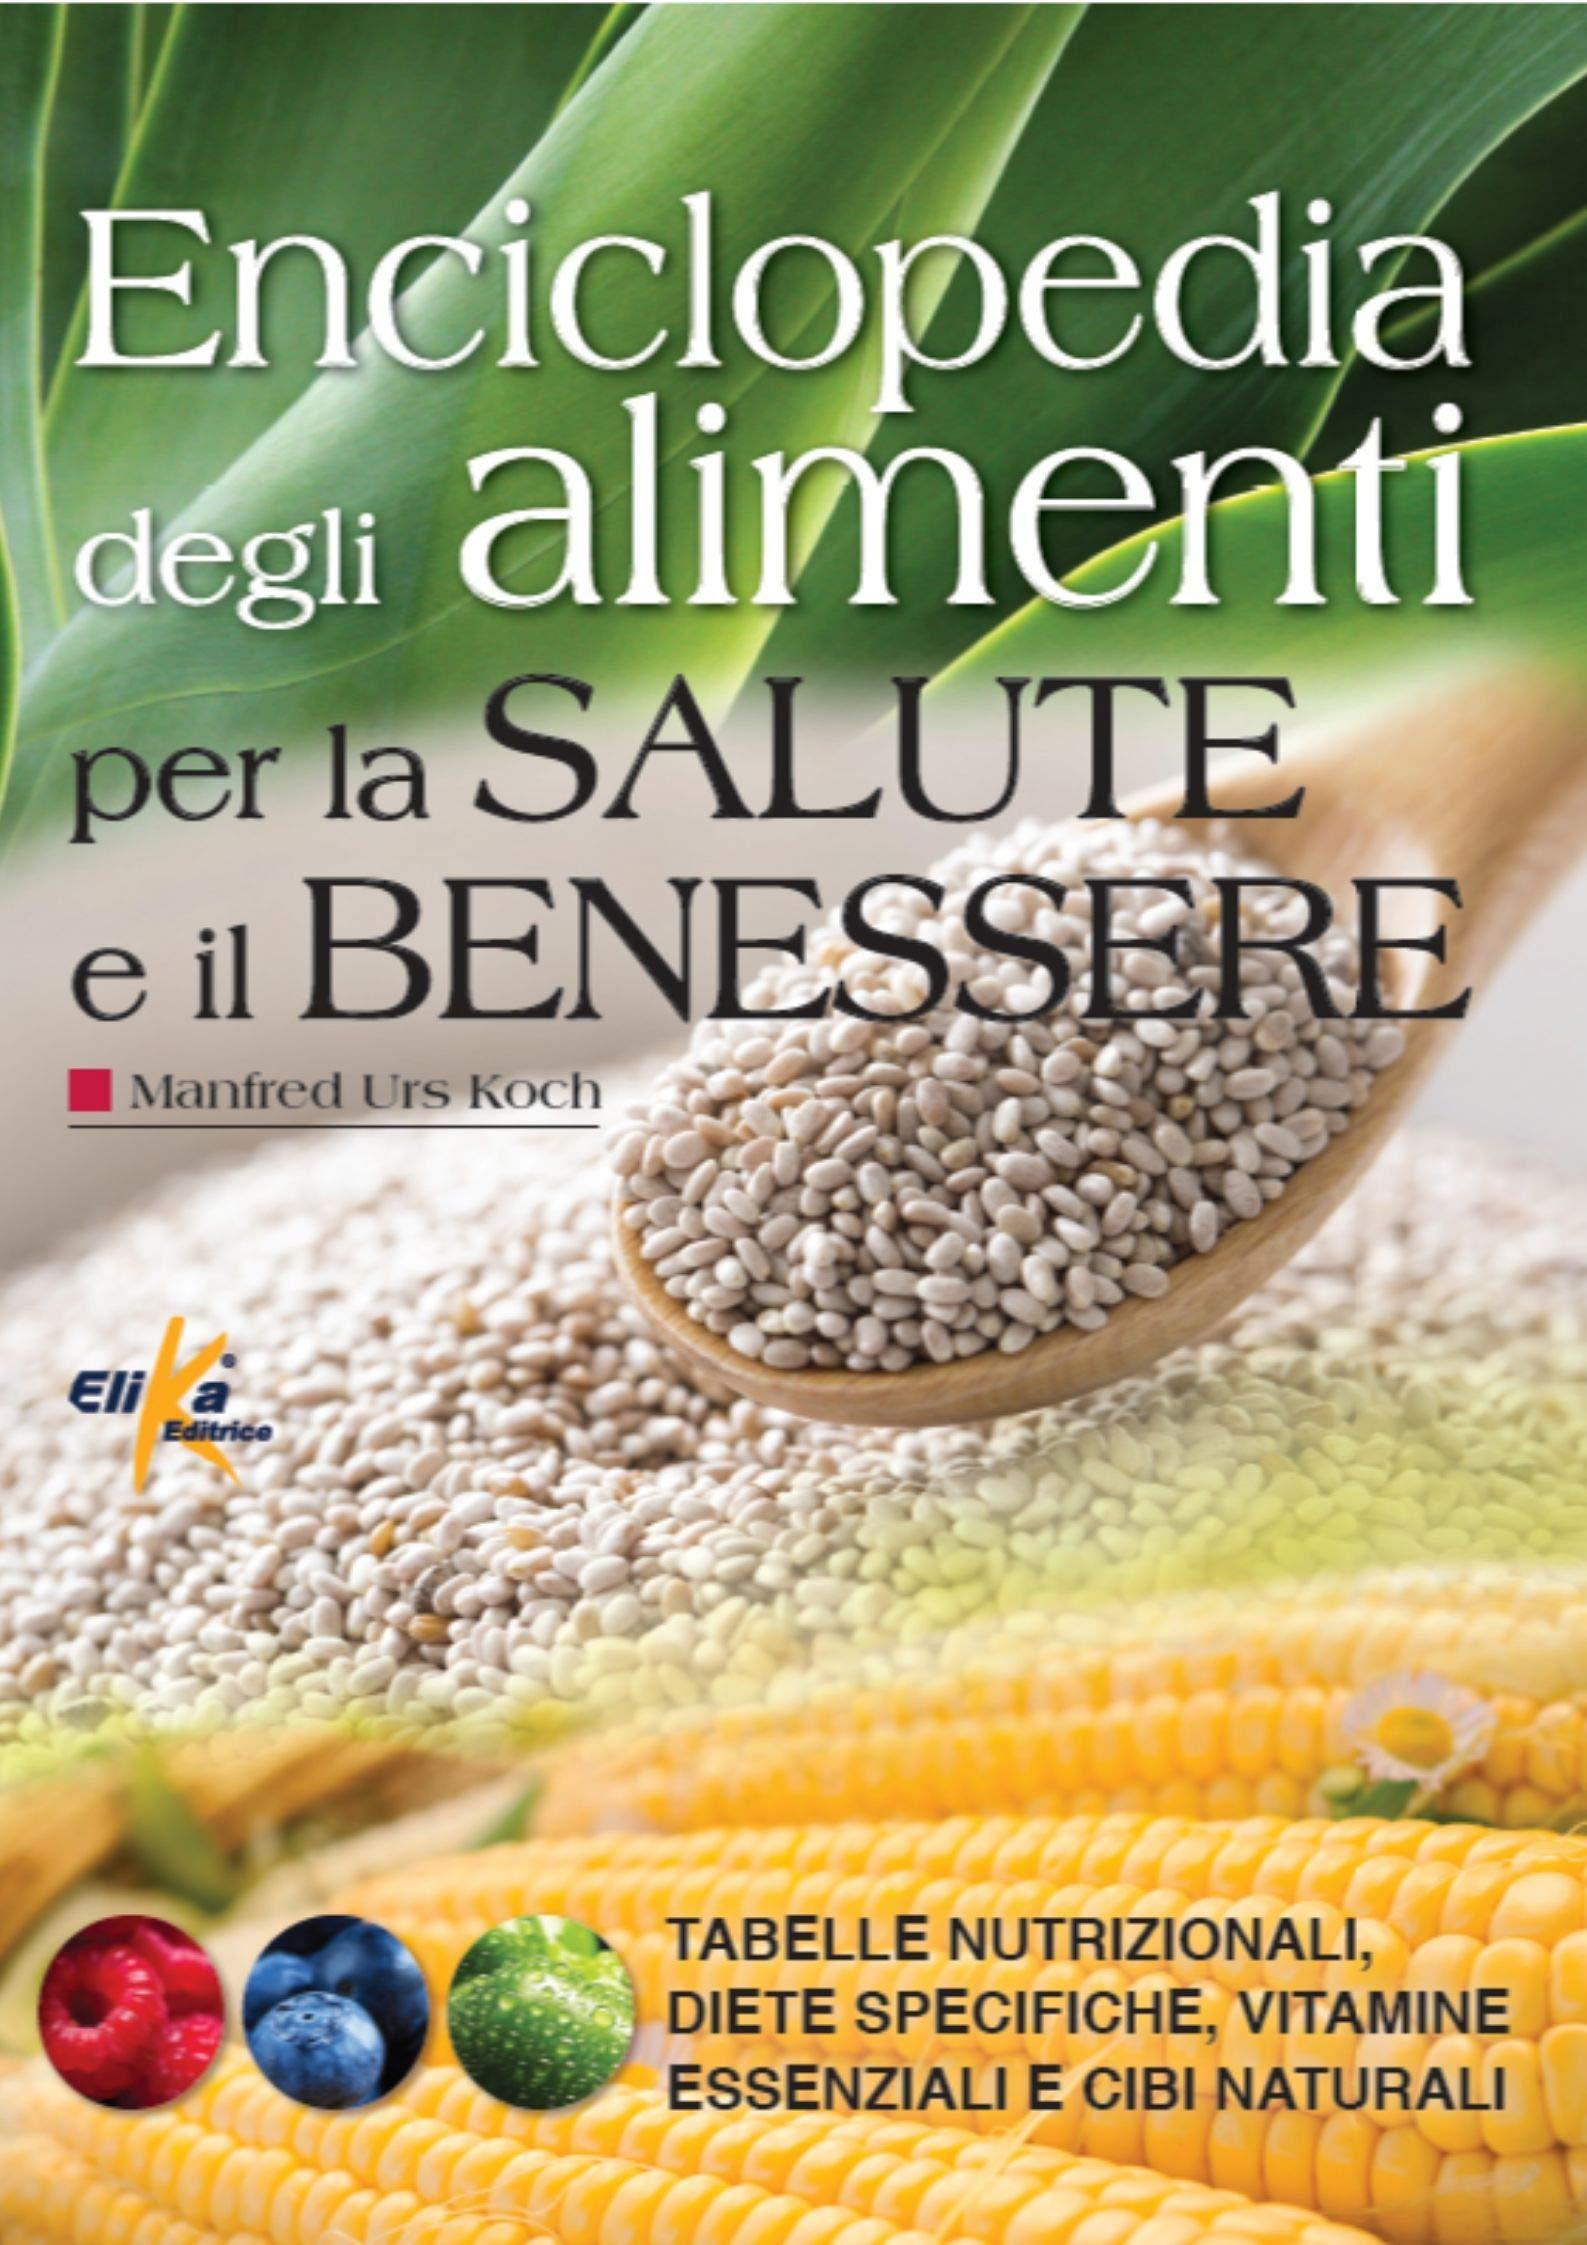 Enciclopedia Degli Alimenti Per La Salute E Il Benessere Tabelle Nutrizionali Diete Specifiche Vitamine Essenziali E Cibi Naturali 9788898574209 Amazon Com Books